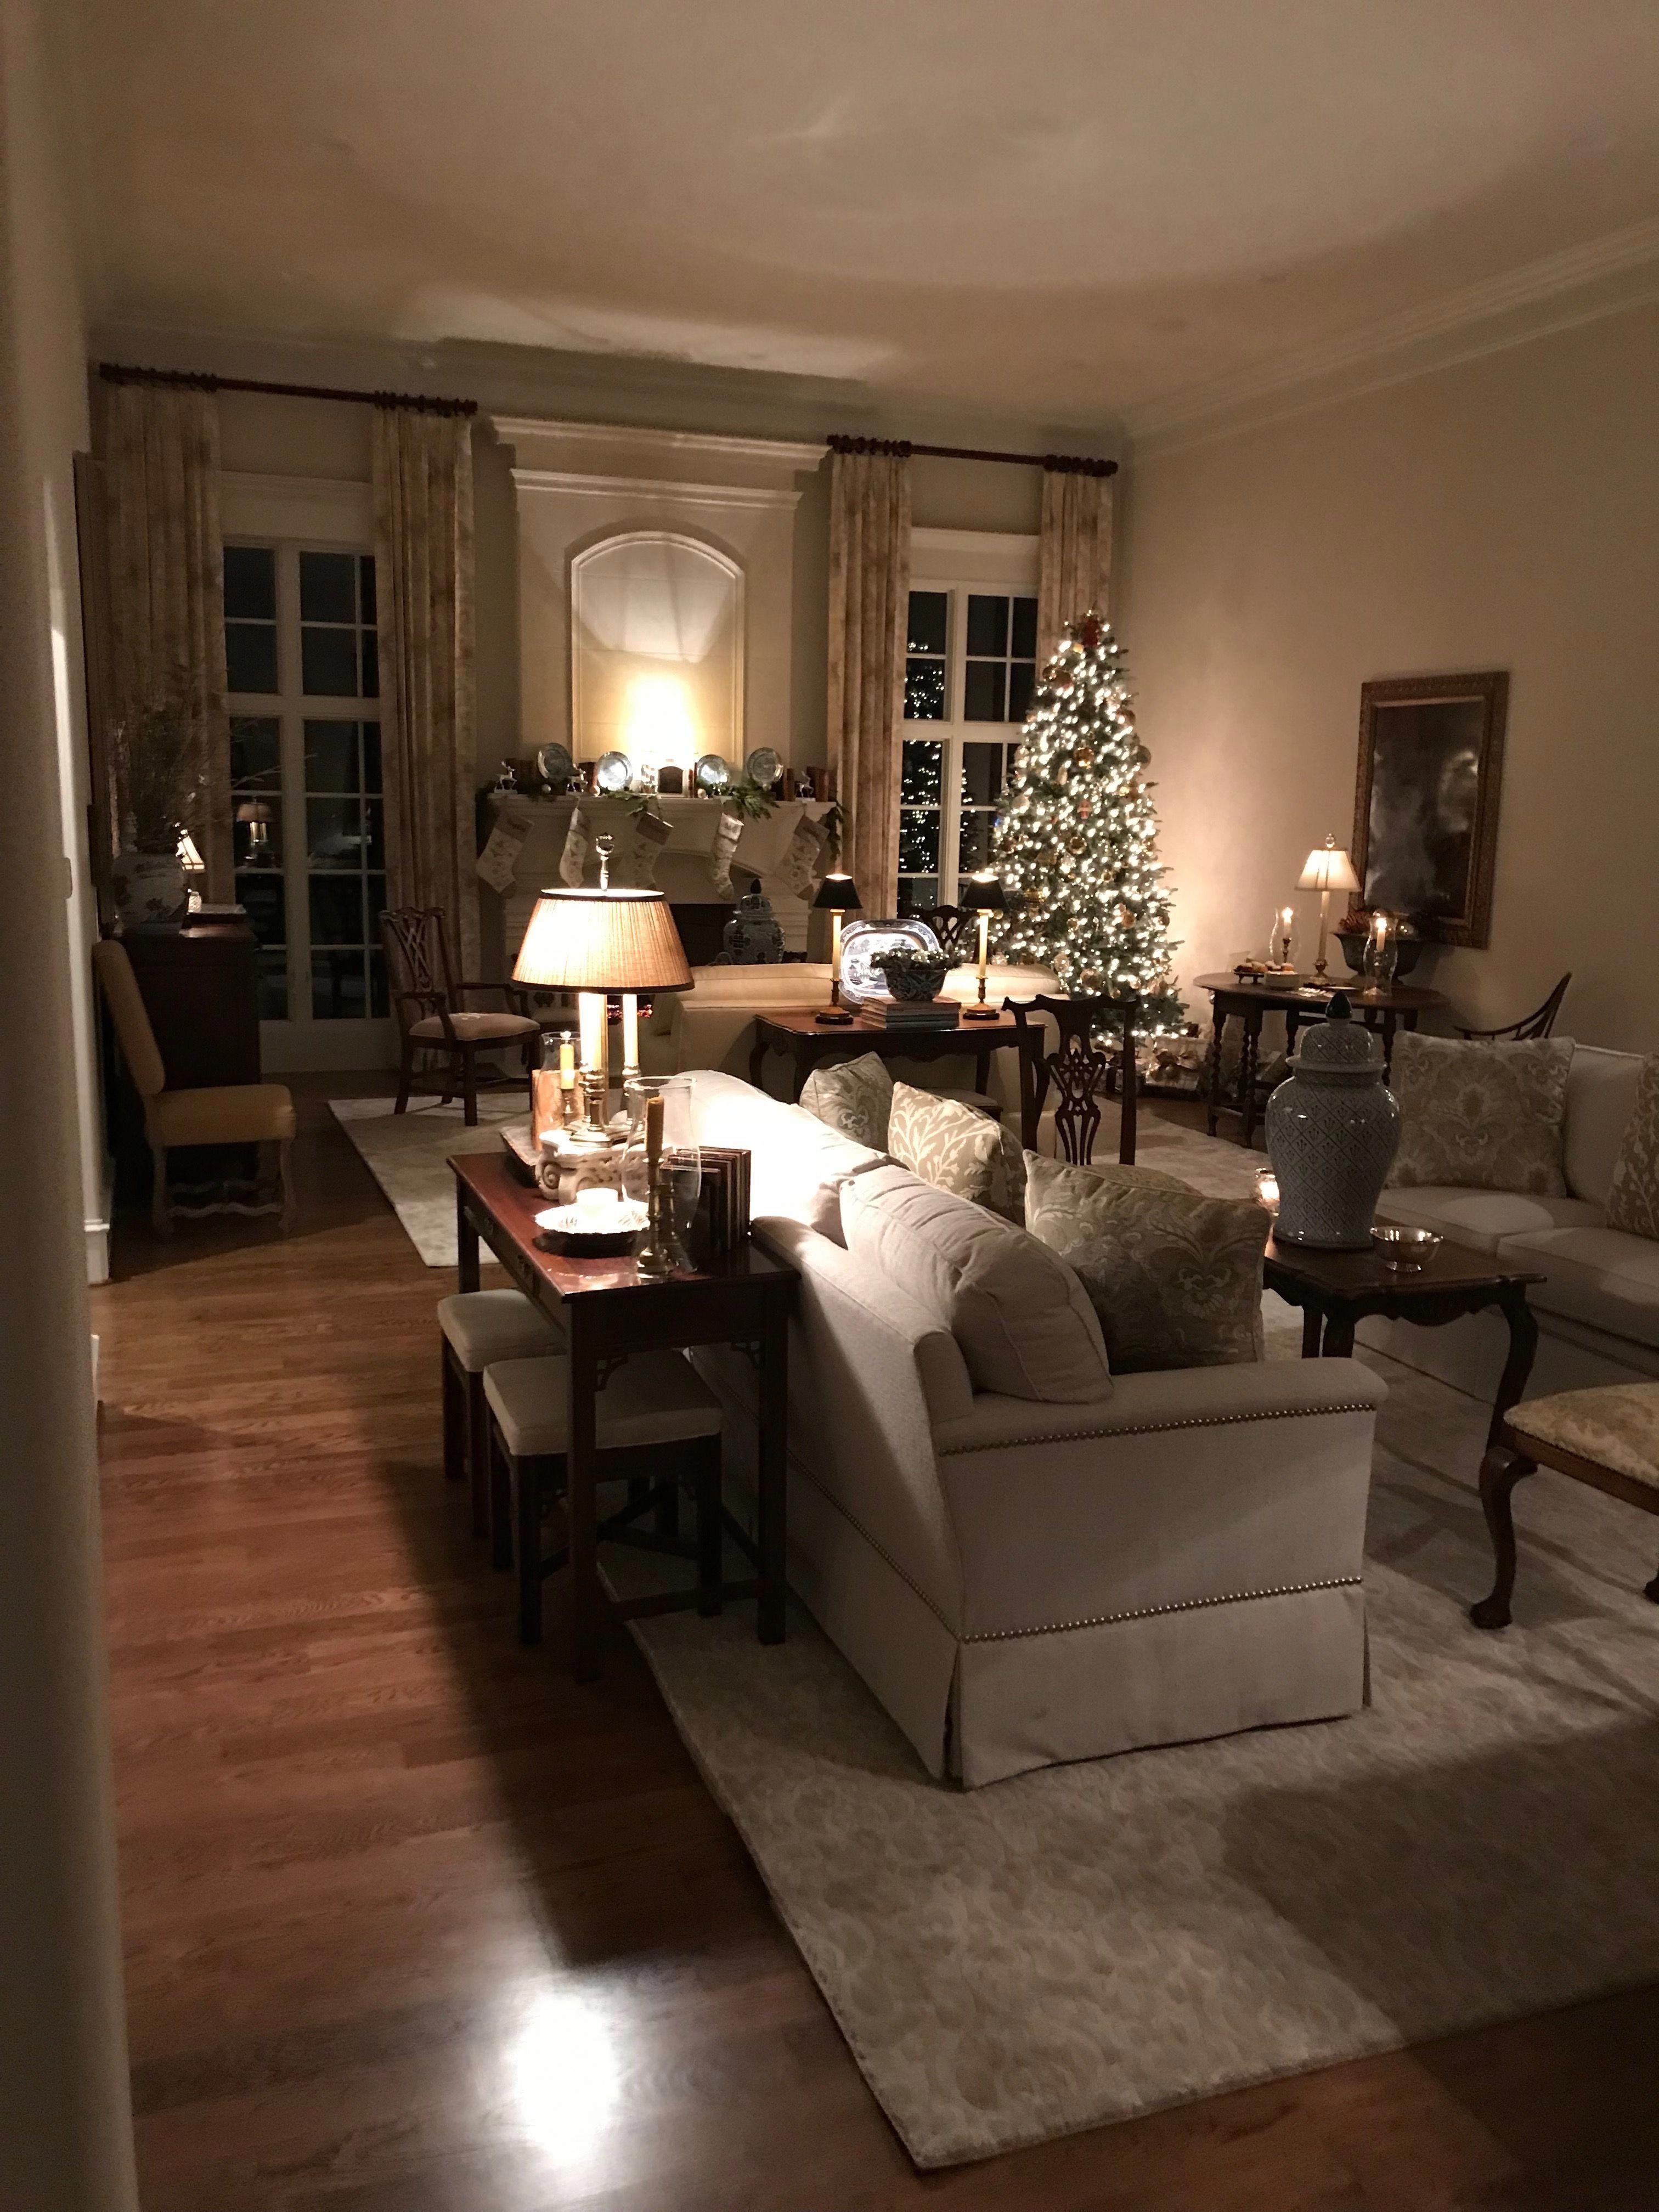 20 Elegant Lounge Room Near Me in 2020 Elegant living